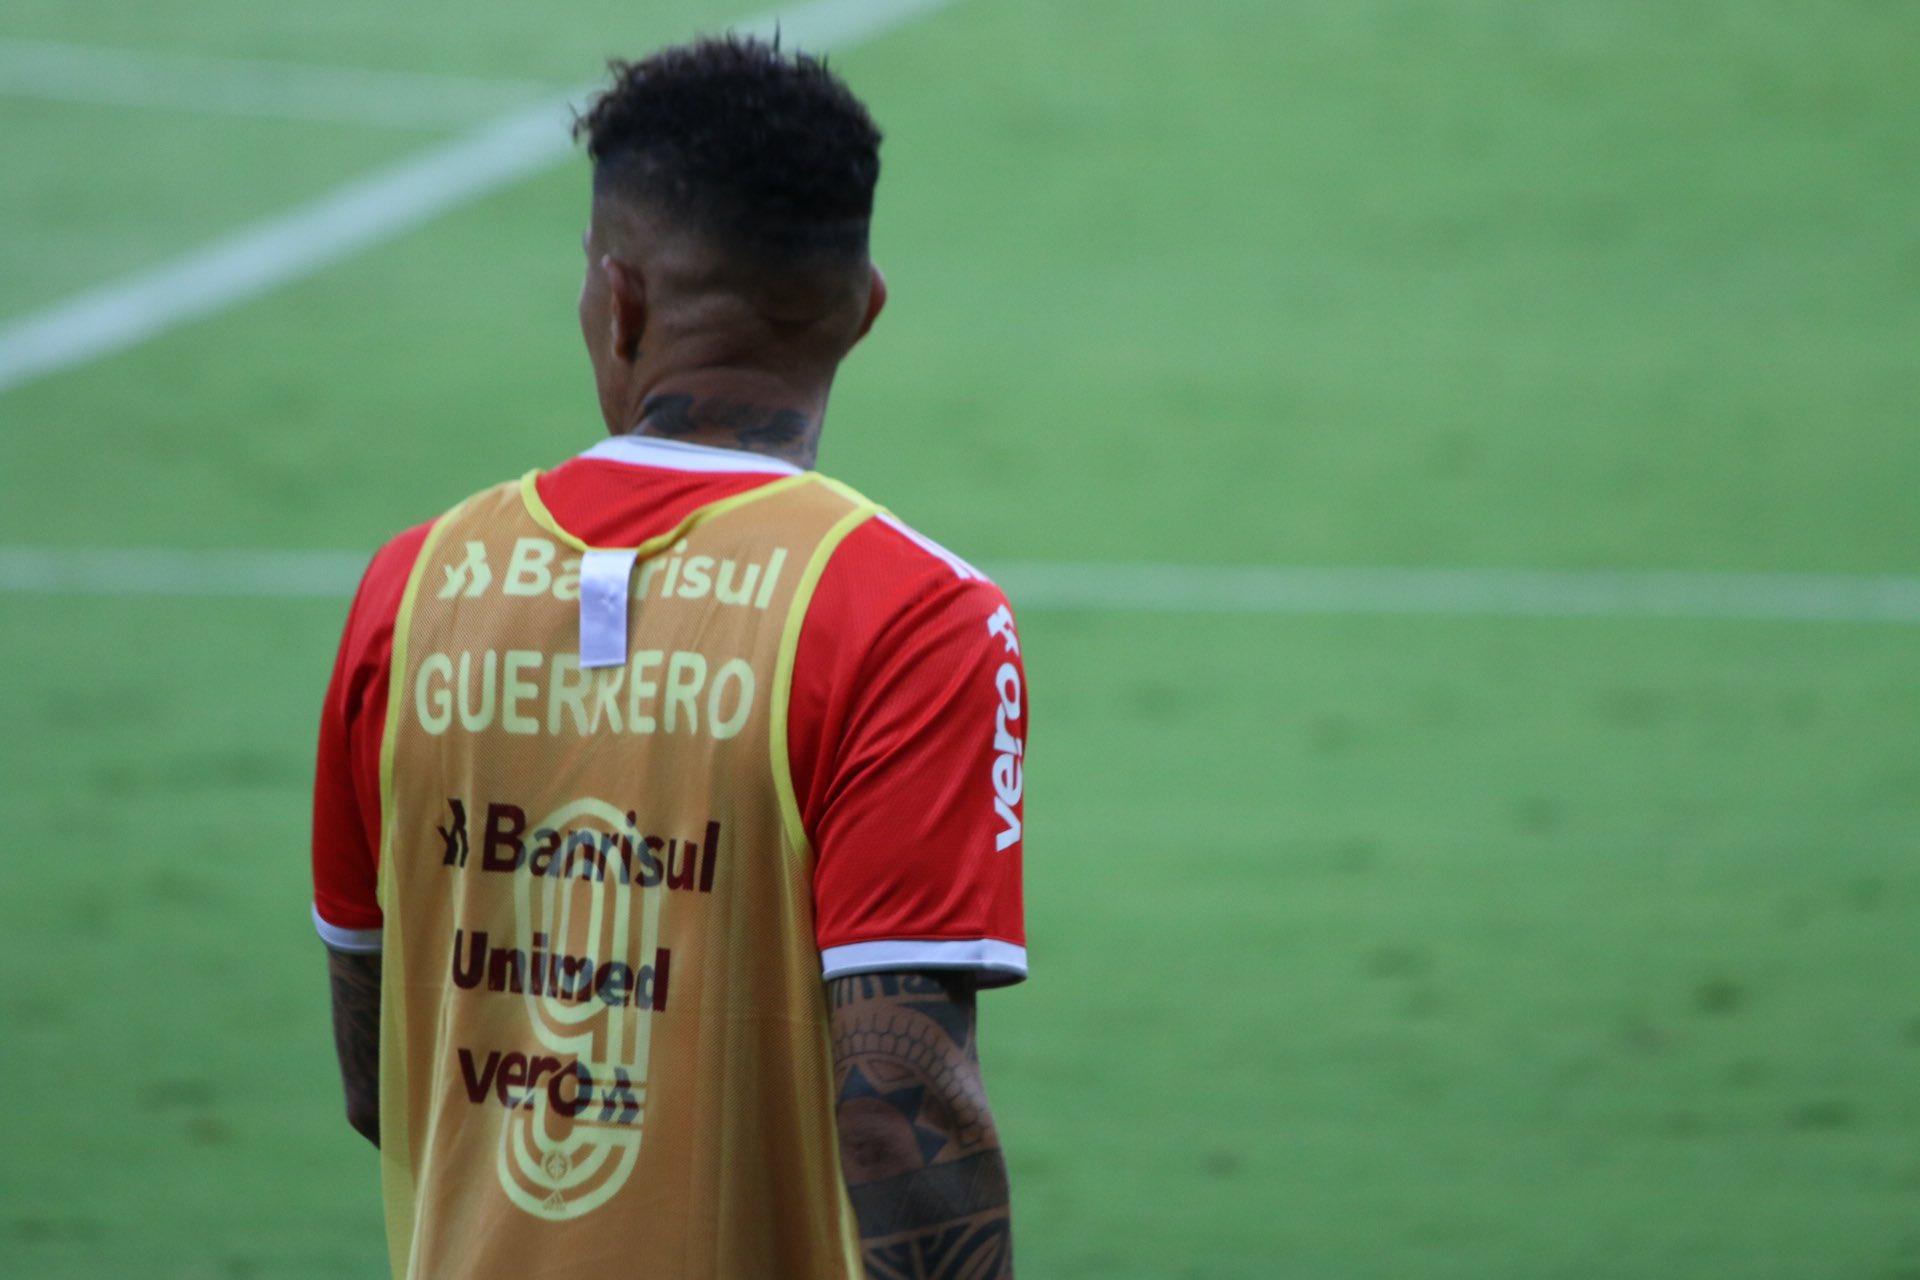 Llegó el día: Paolo Guerrero volvió a jugar con el Inter después de 7 meses